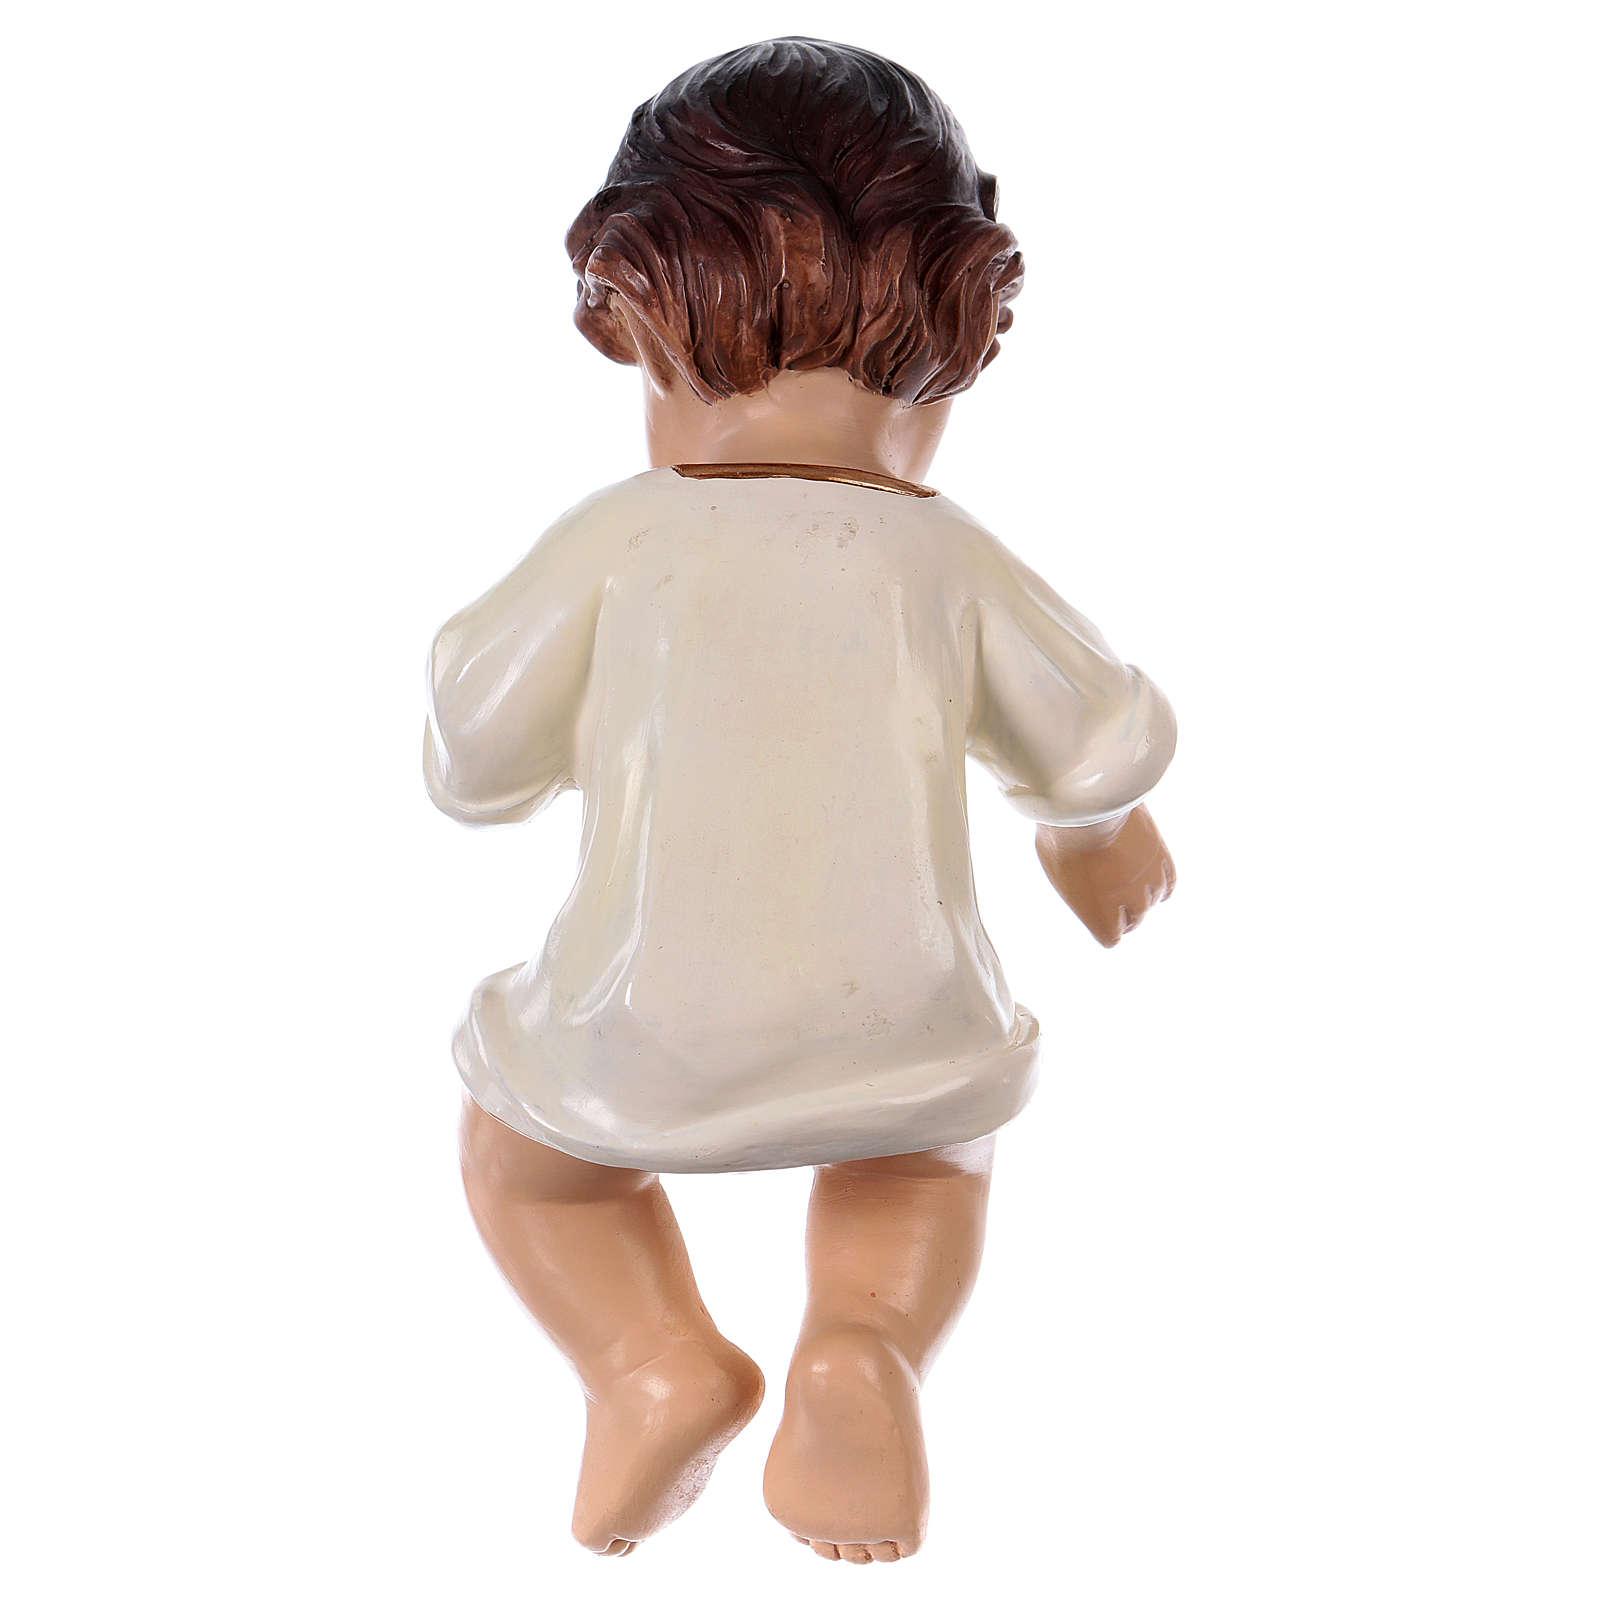 Statua bambinello h reale 16 cm resina 3